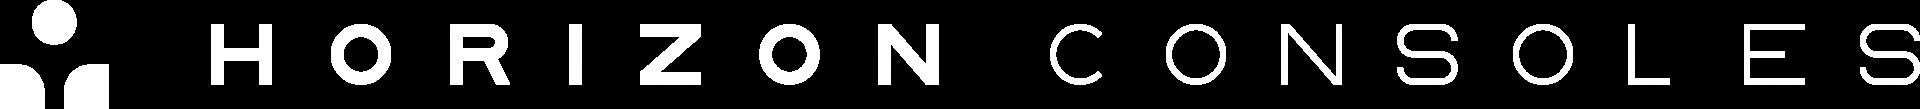 Horizon Consoles logo